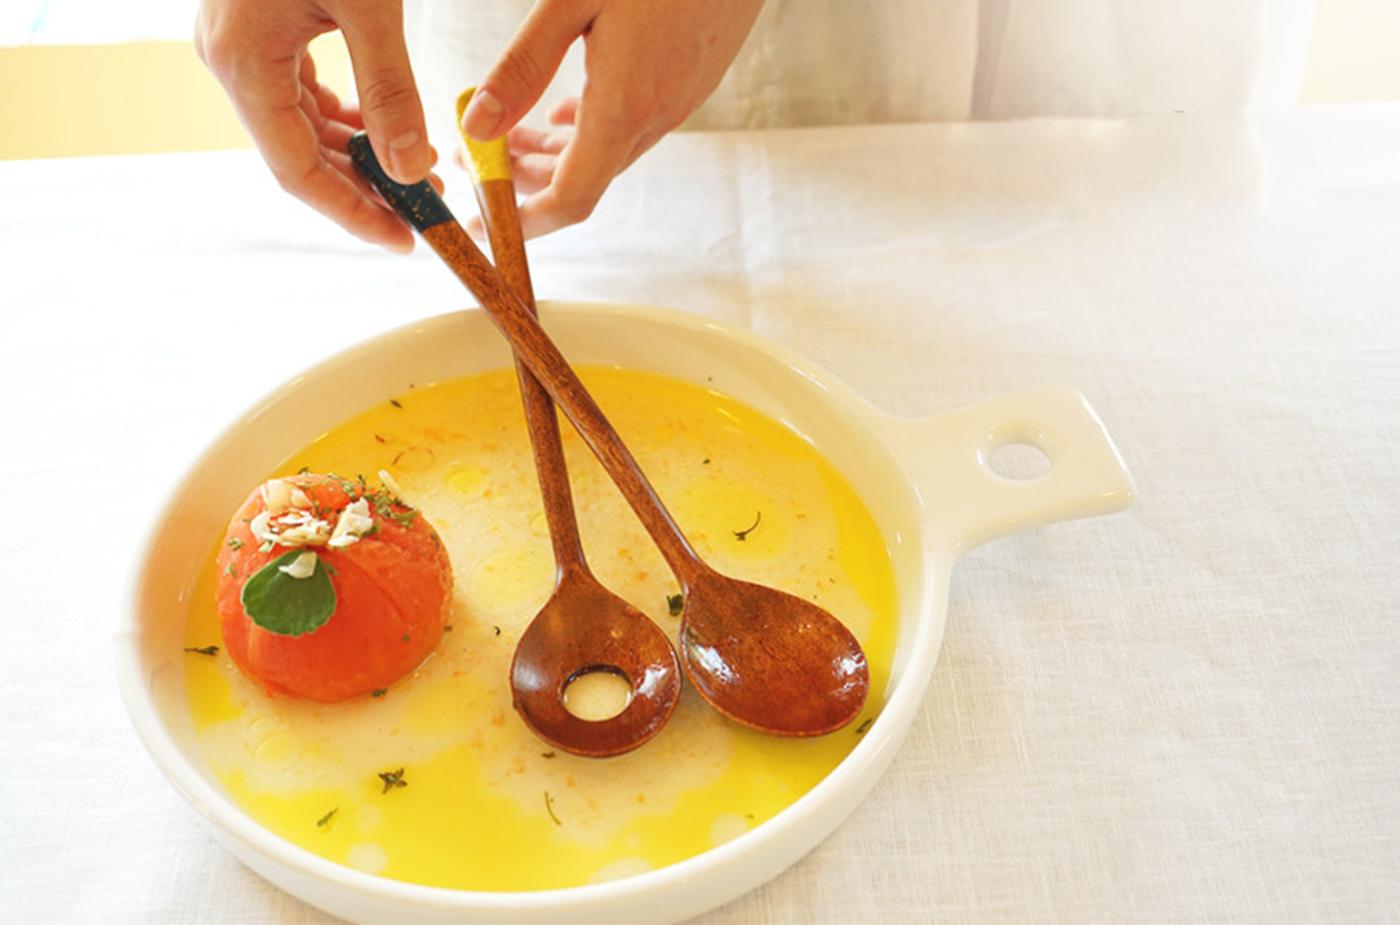 천연 옻칠 샐러드 요리 숟가락 상세이미지3